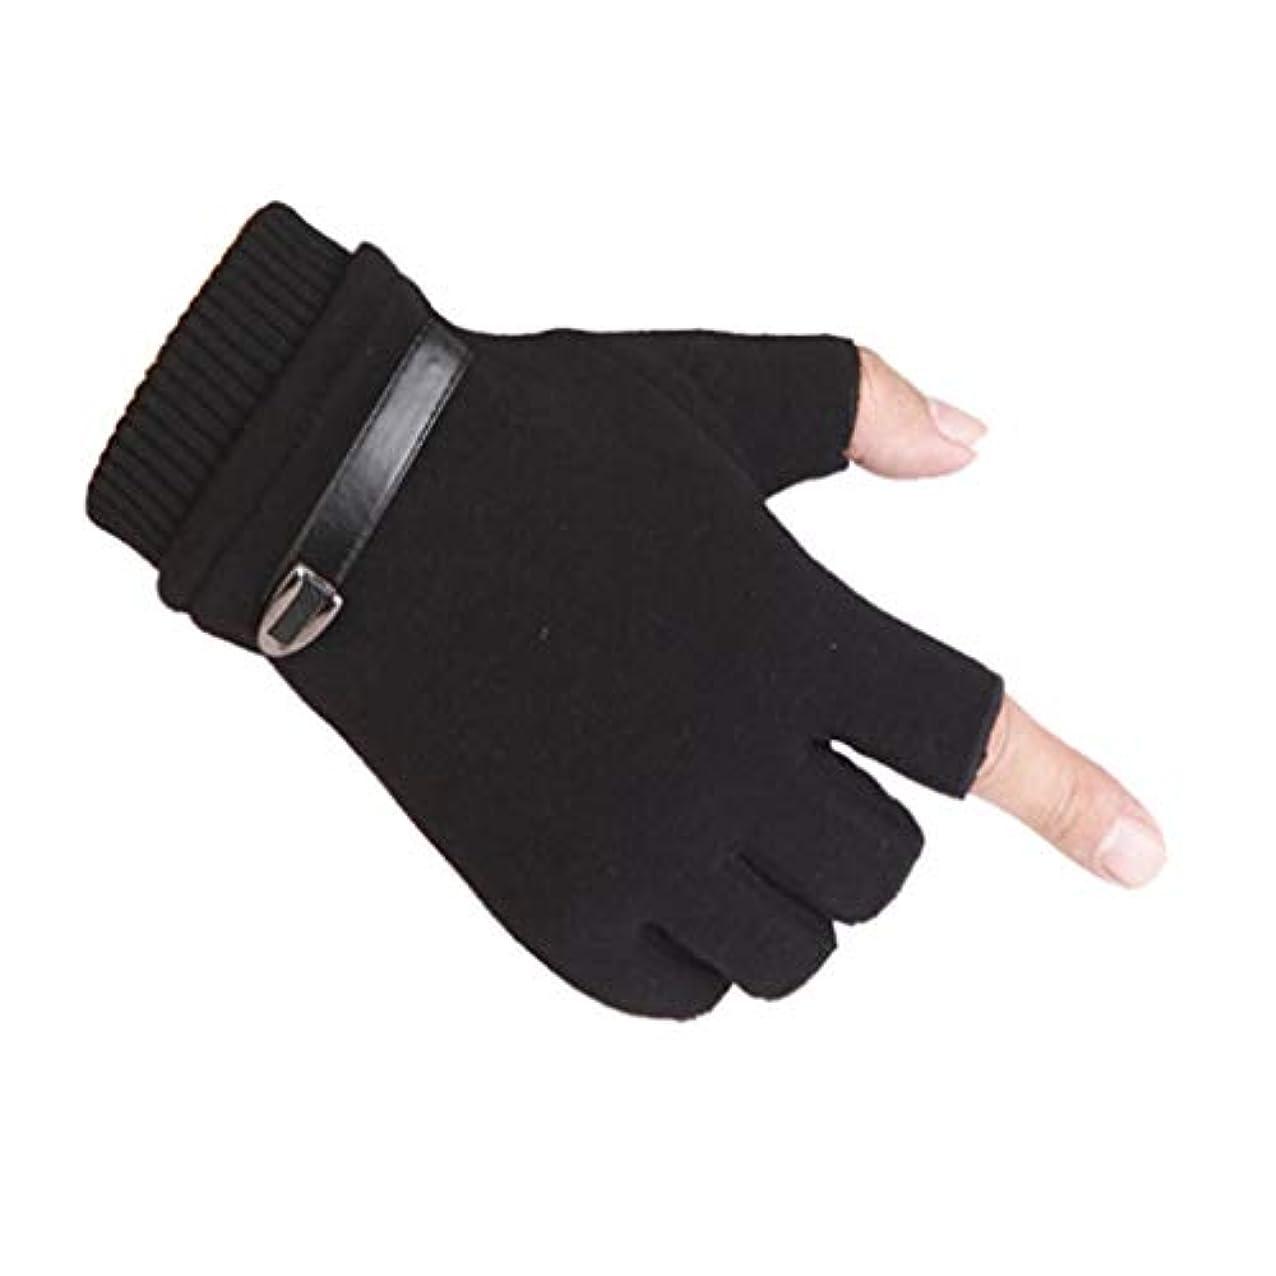 カートリッジだますええ秋と冬プラスベルベット肥厚ハーフフィンガー手袋男性と女性ベルベット生徒は指を離してカップルの手袋黒の男性モデルに乗ってコンピュータタイピングを書くことではない